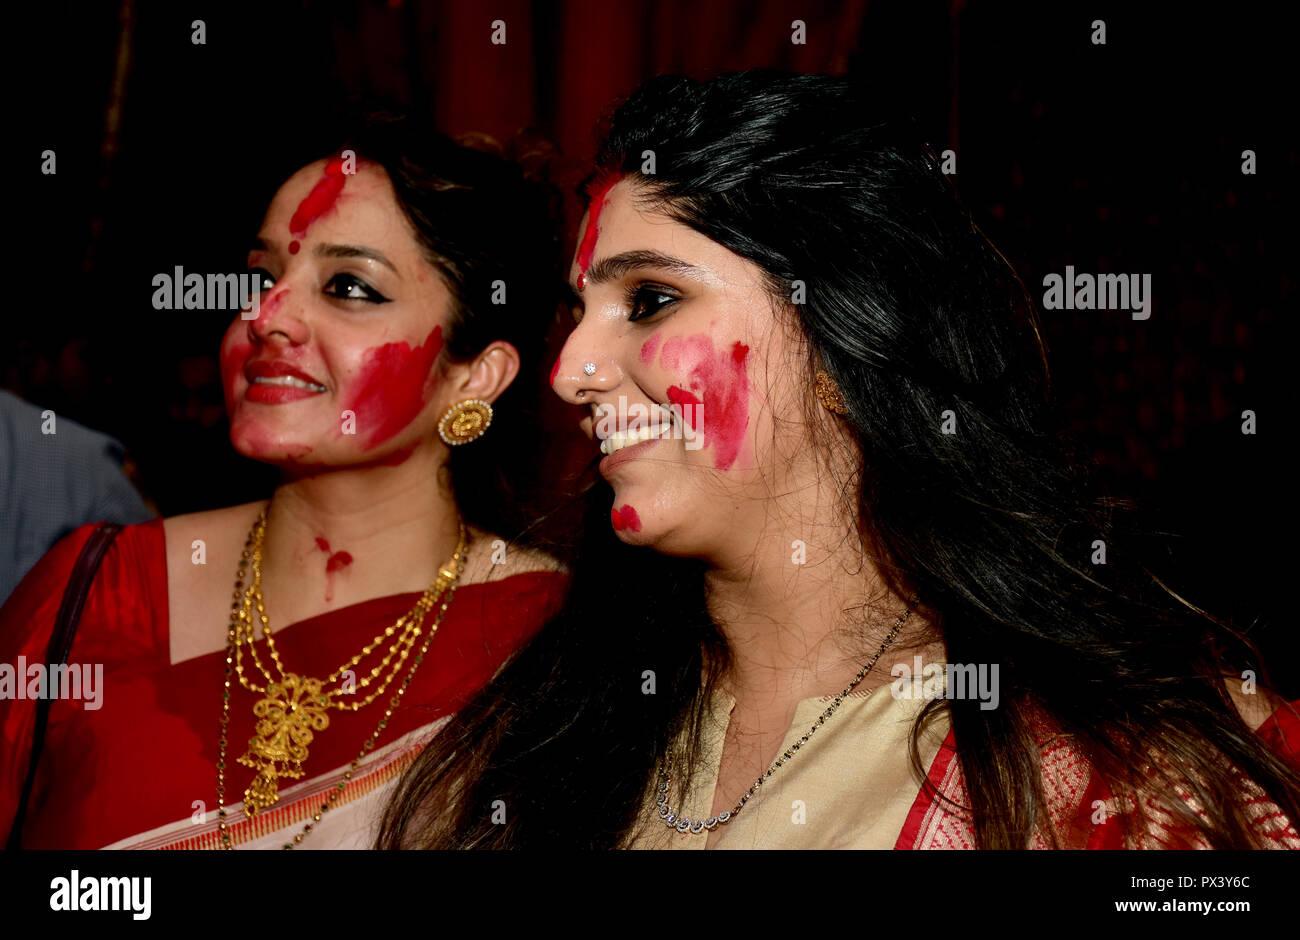 Sindur Stock Photos & Sindur Stock Images - Alamy